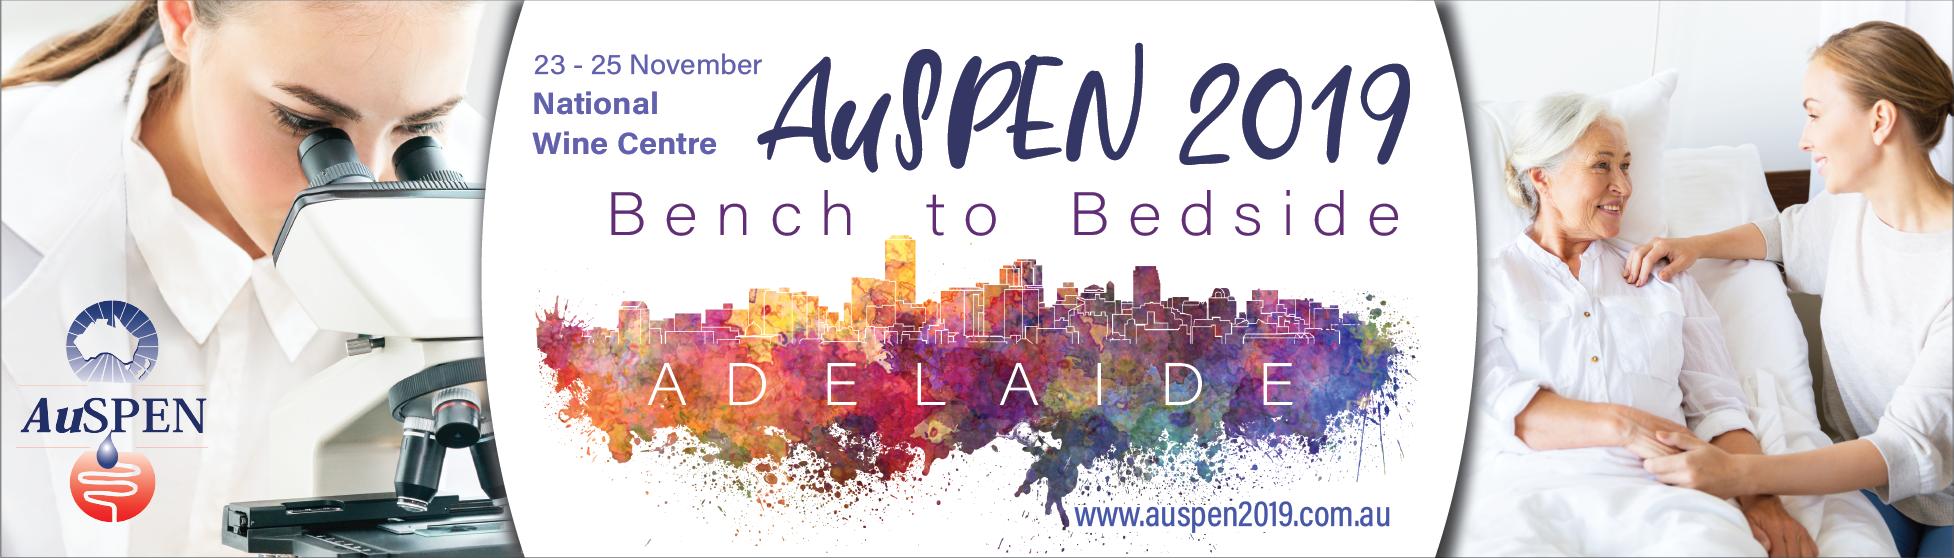 2019 AuSPEN Banner final design_19 Dec.png